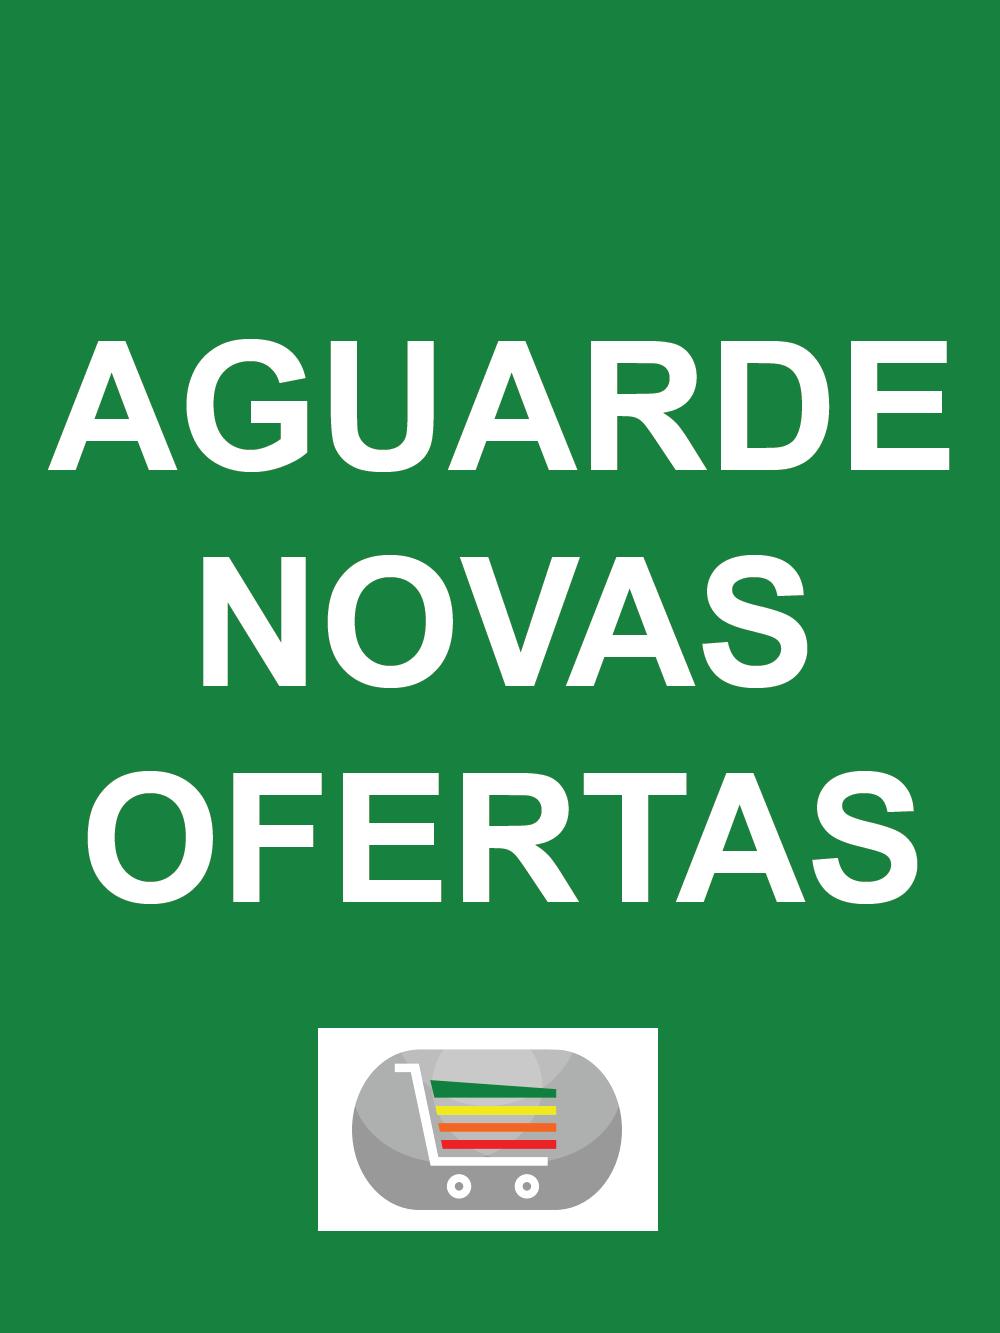 ofertas_de_supermercados4350 Cobal até 01/06